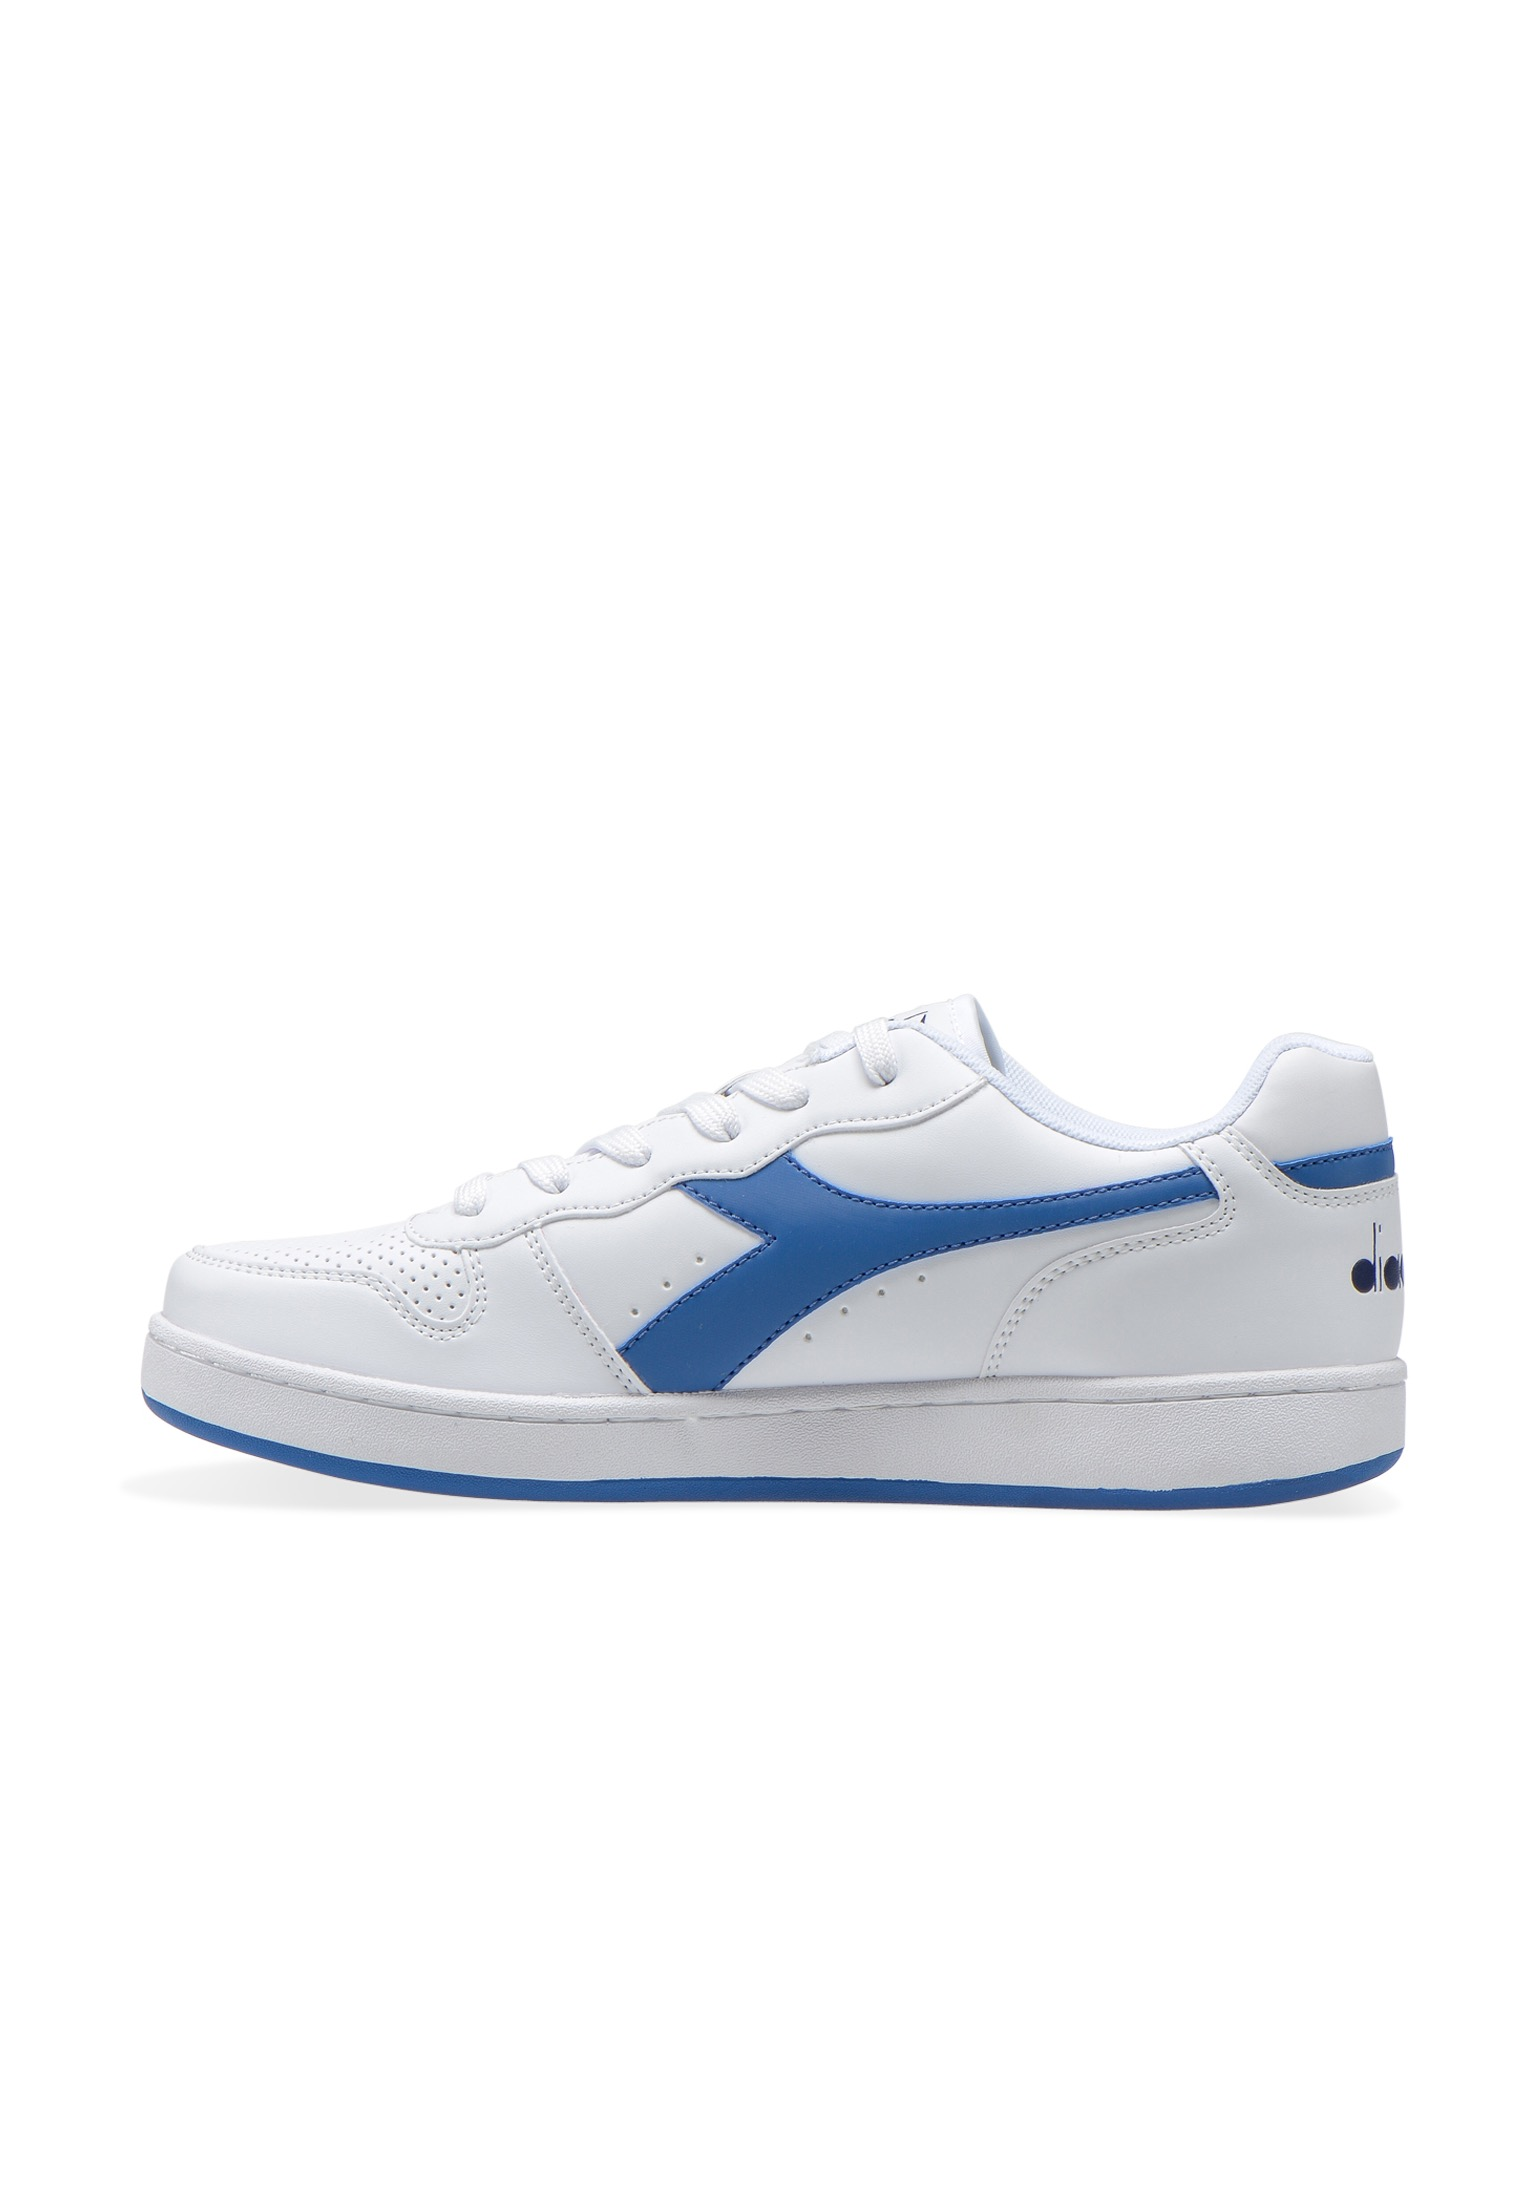 Scarpe-Diadora-Playground-Sneakers-sportive-uomo-donna-vari-colori-piu-taglie miniatura 27